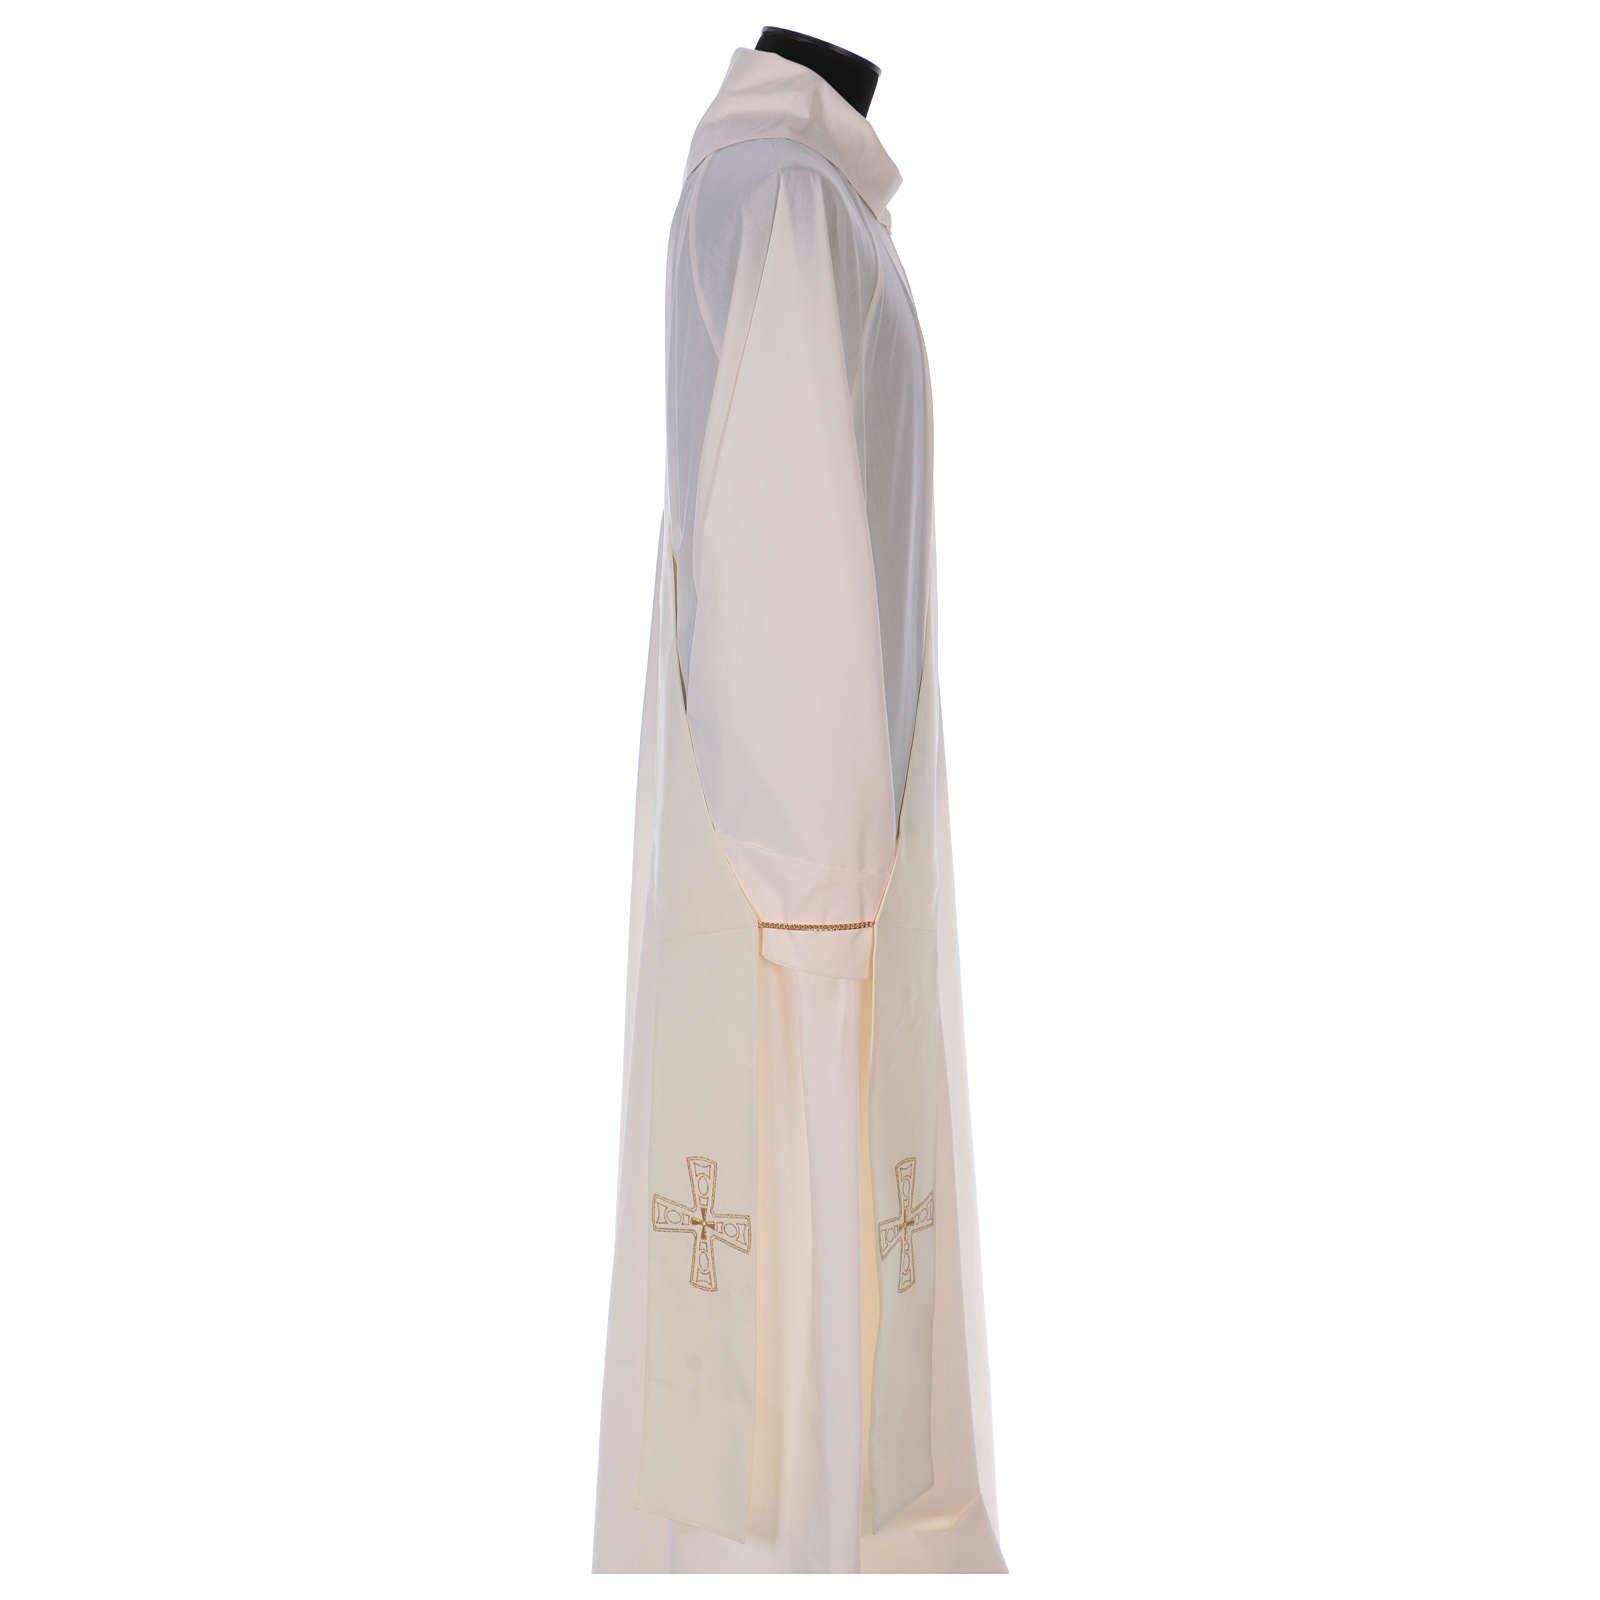 Étole diaconale 100% polyester avec croix 4